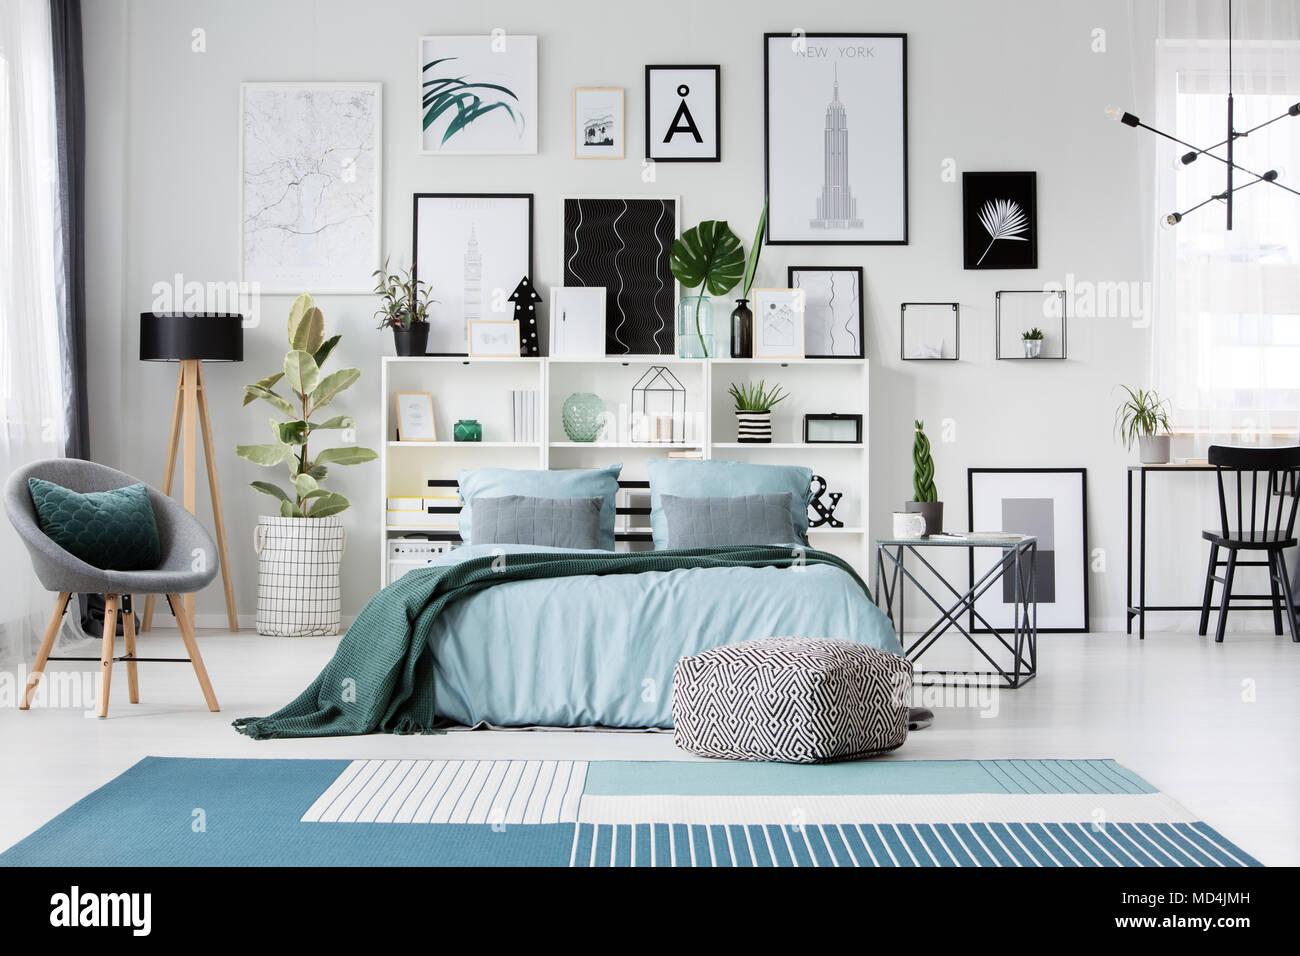 Tappeti blu e pouf vicino al letto in camera da letto spaziosa con ...